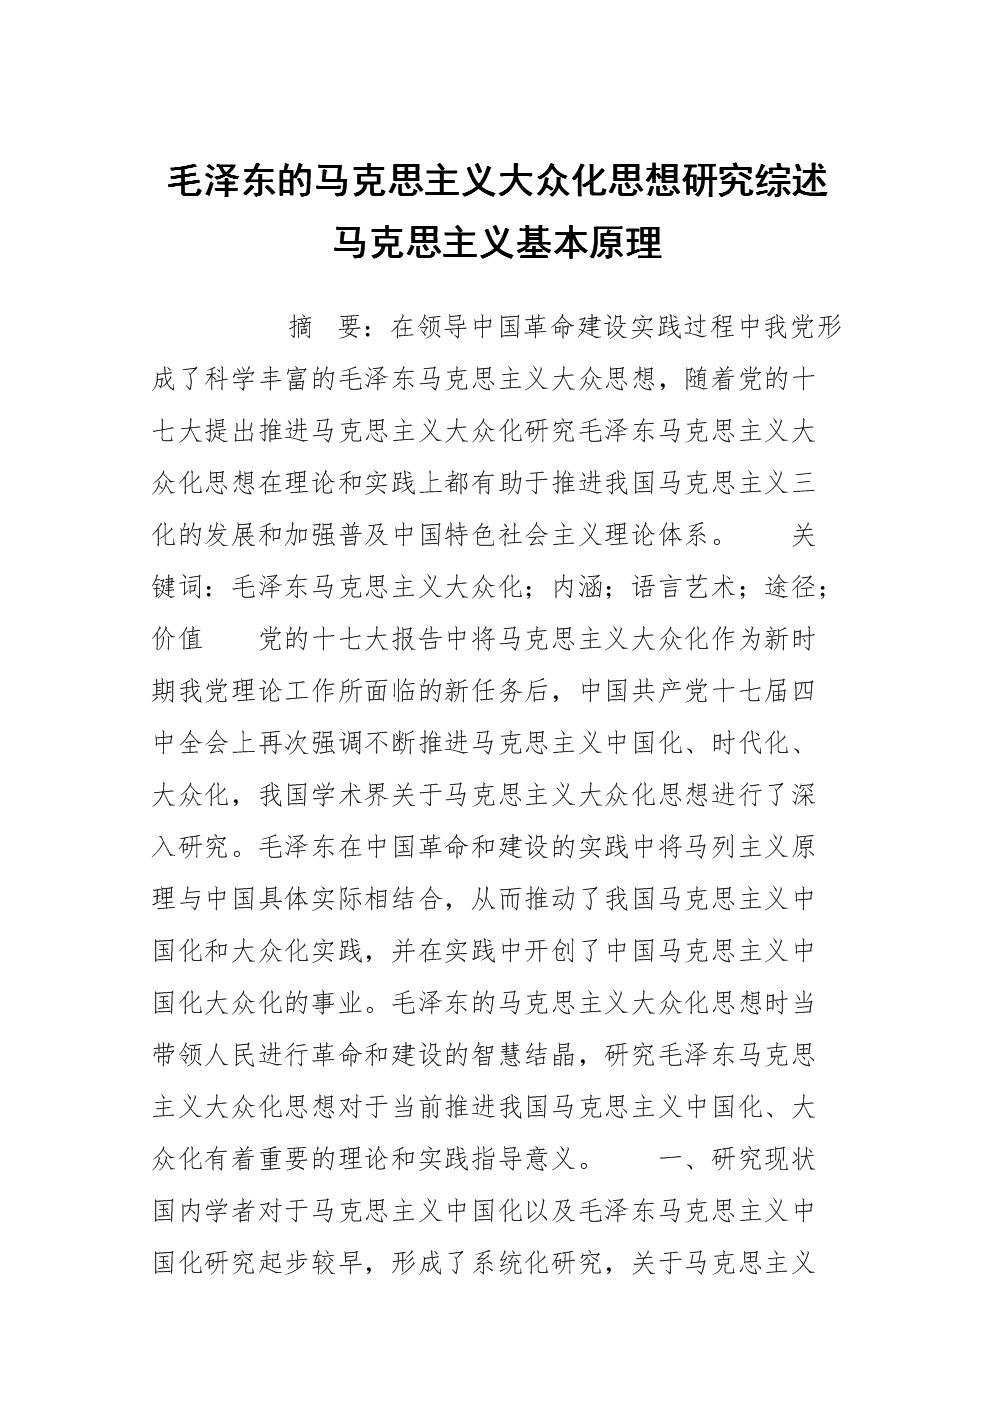 毛泽东的马克思主义大众化思想研究综述 马克思主义基本原理.docx